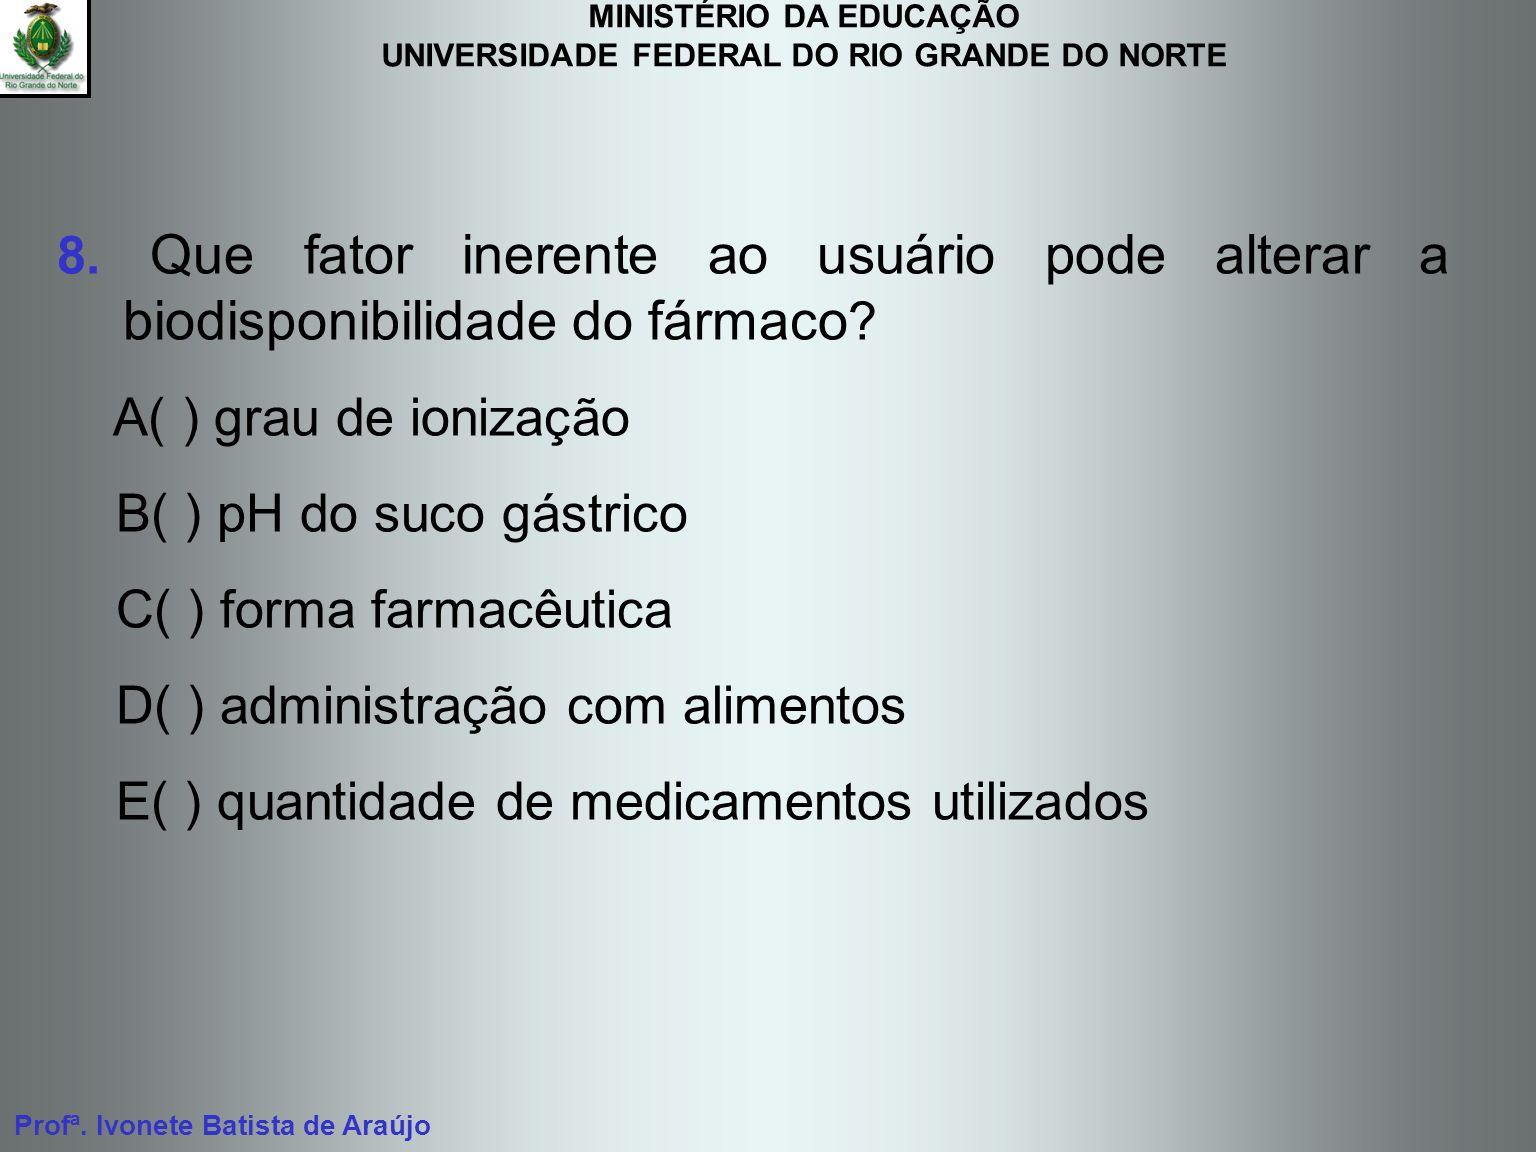 MINISTÉRIO DA EDUCAÇÃO UNIVERSIDADE FEDERAL DO RIO GRANDE DO NORTE Profª. Ivonete Batista de Araújo 8. Que fator inerente ao usuário pode alterar a bi